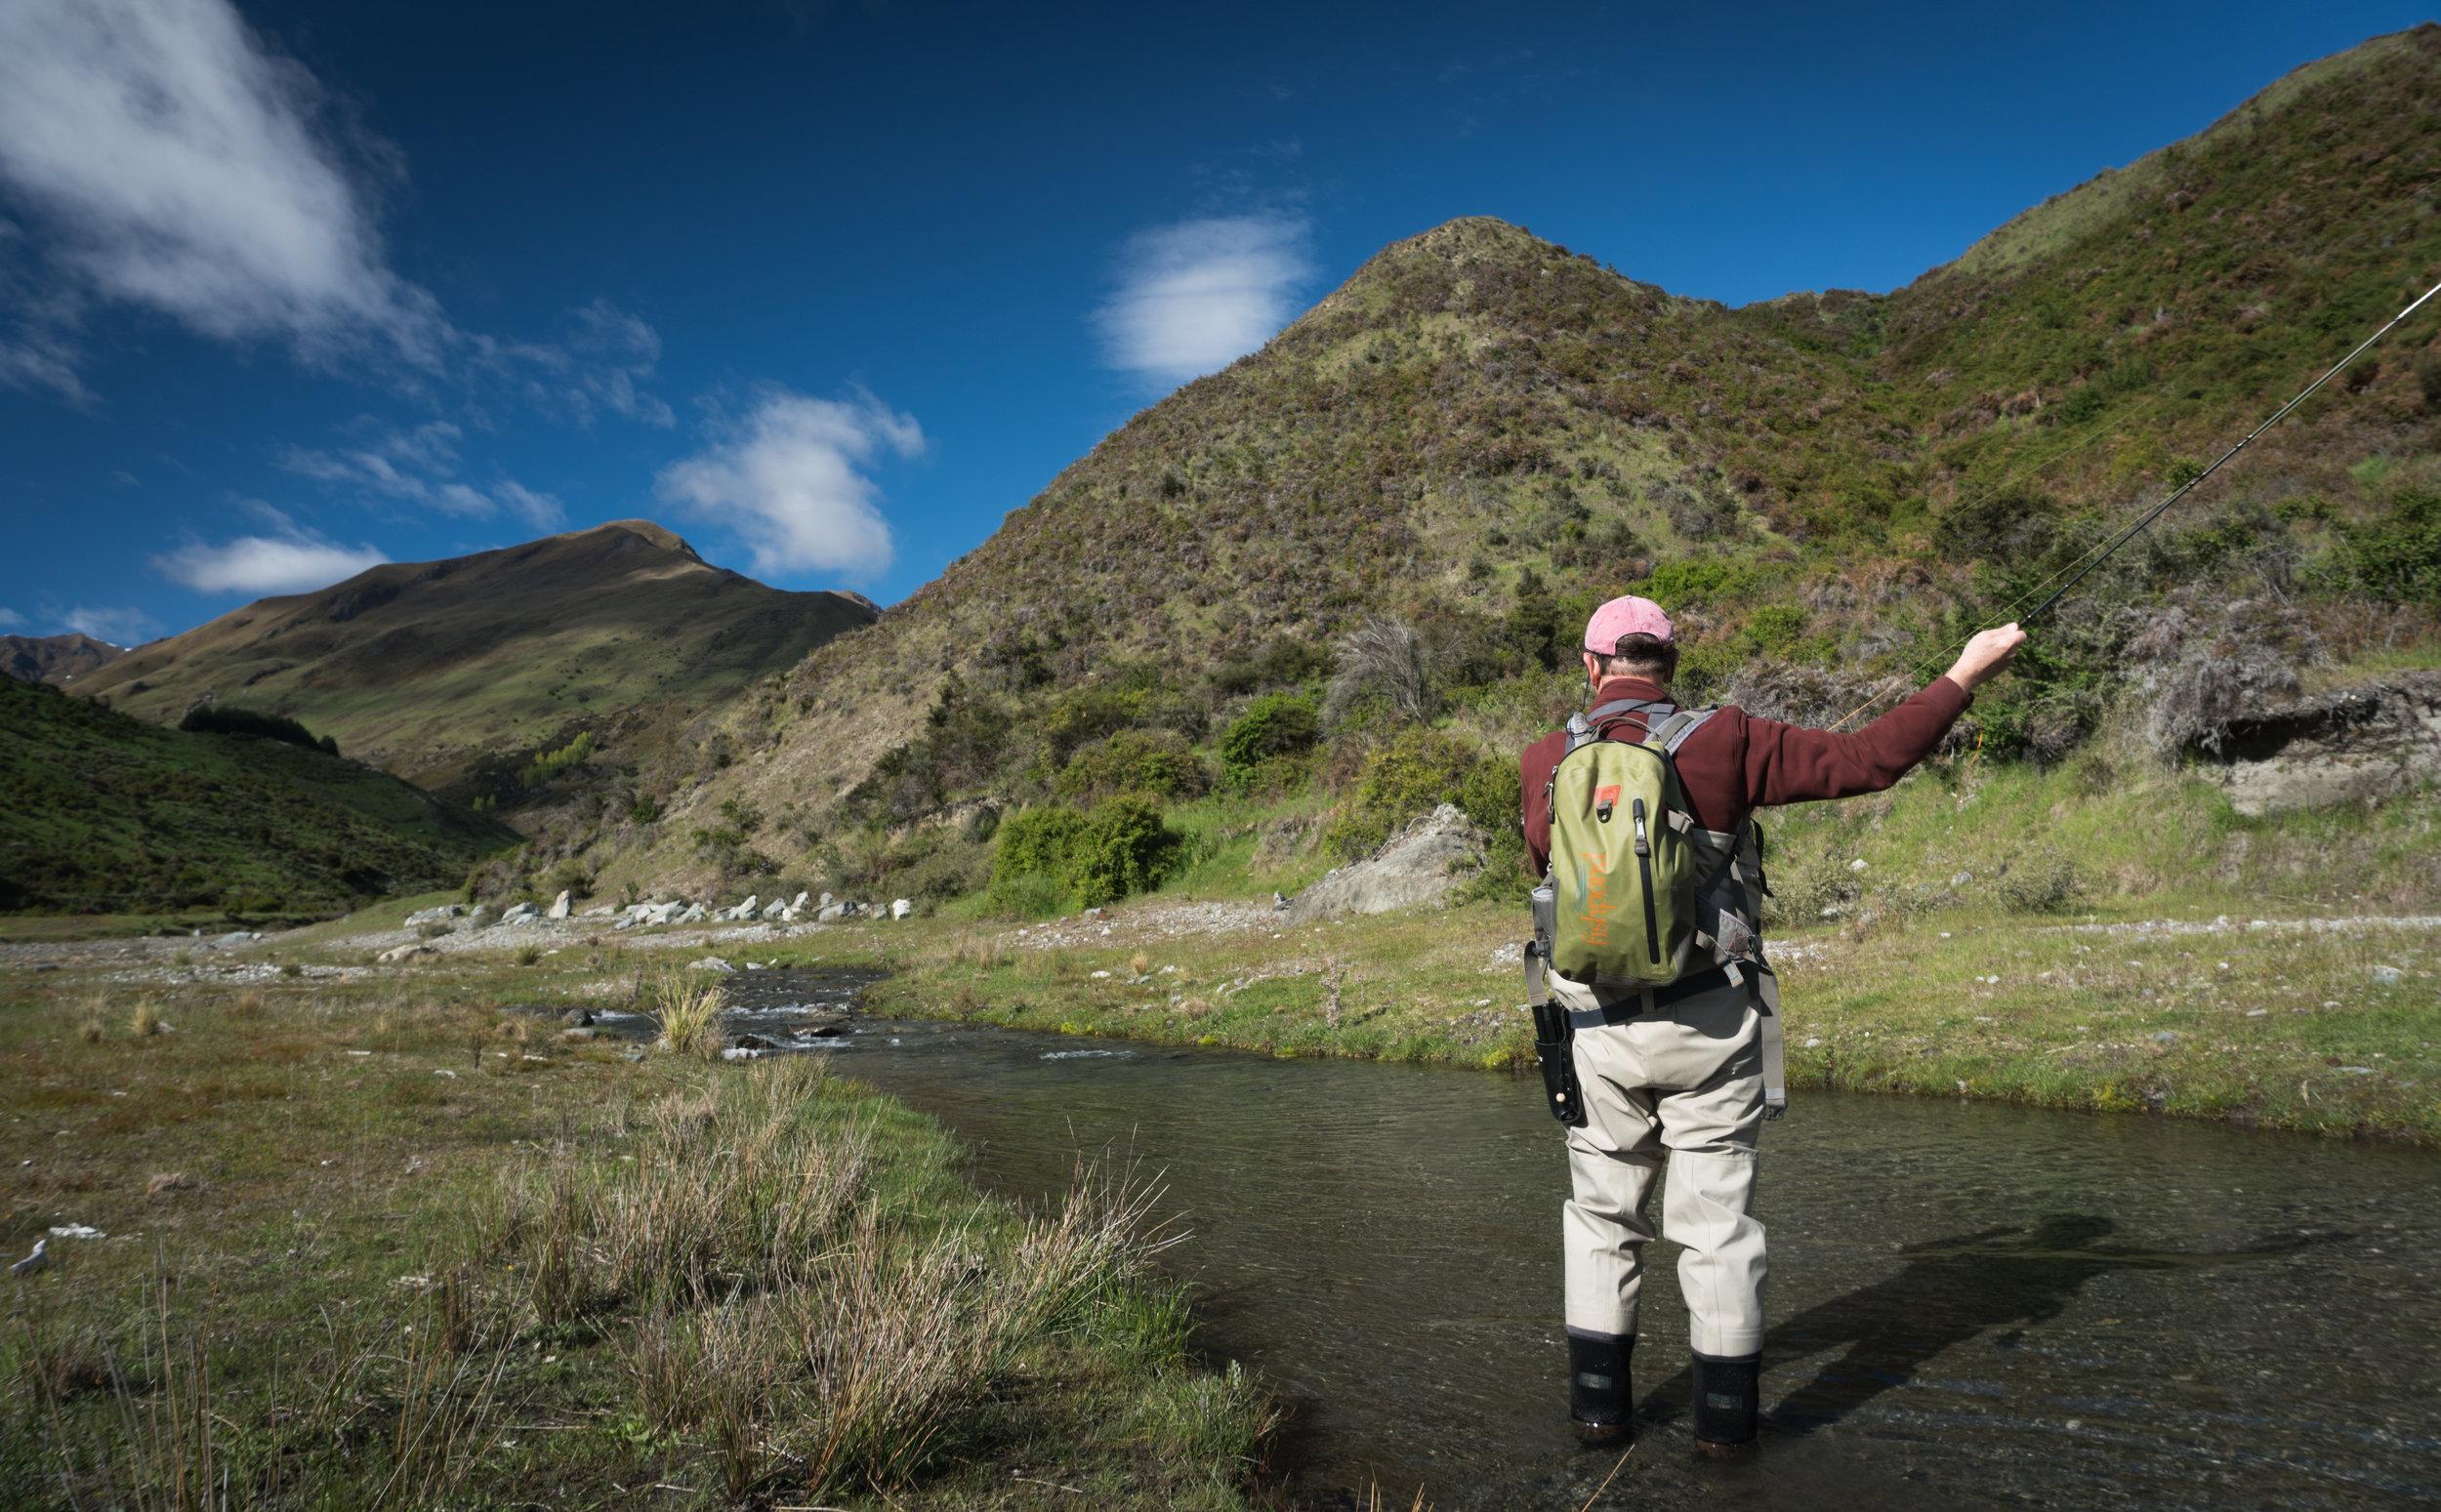 Small stream fly fishing New Zealand